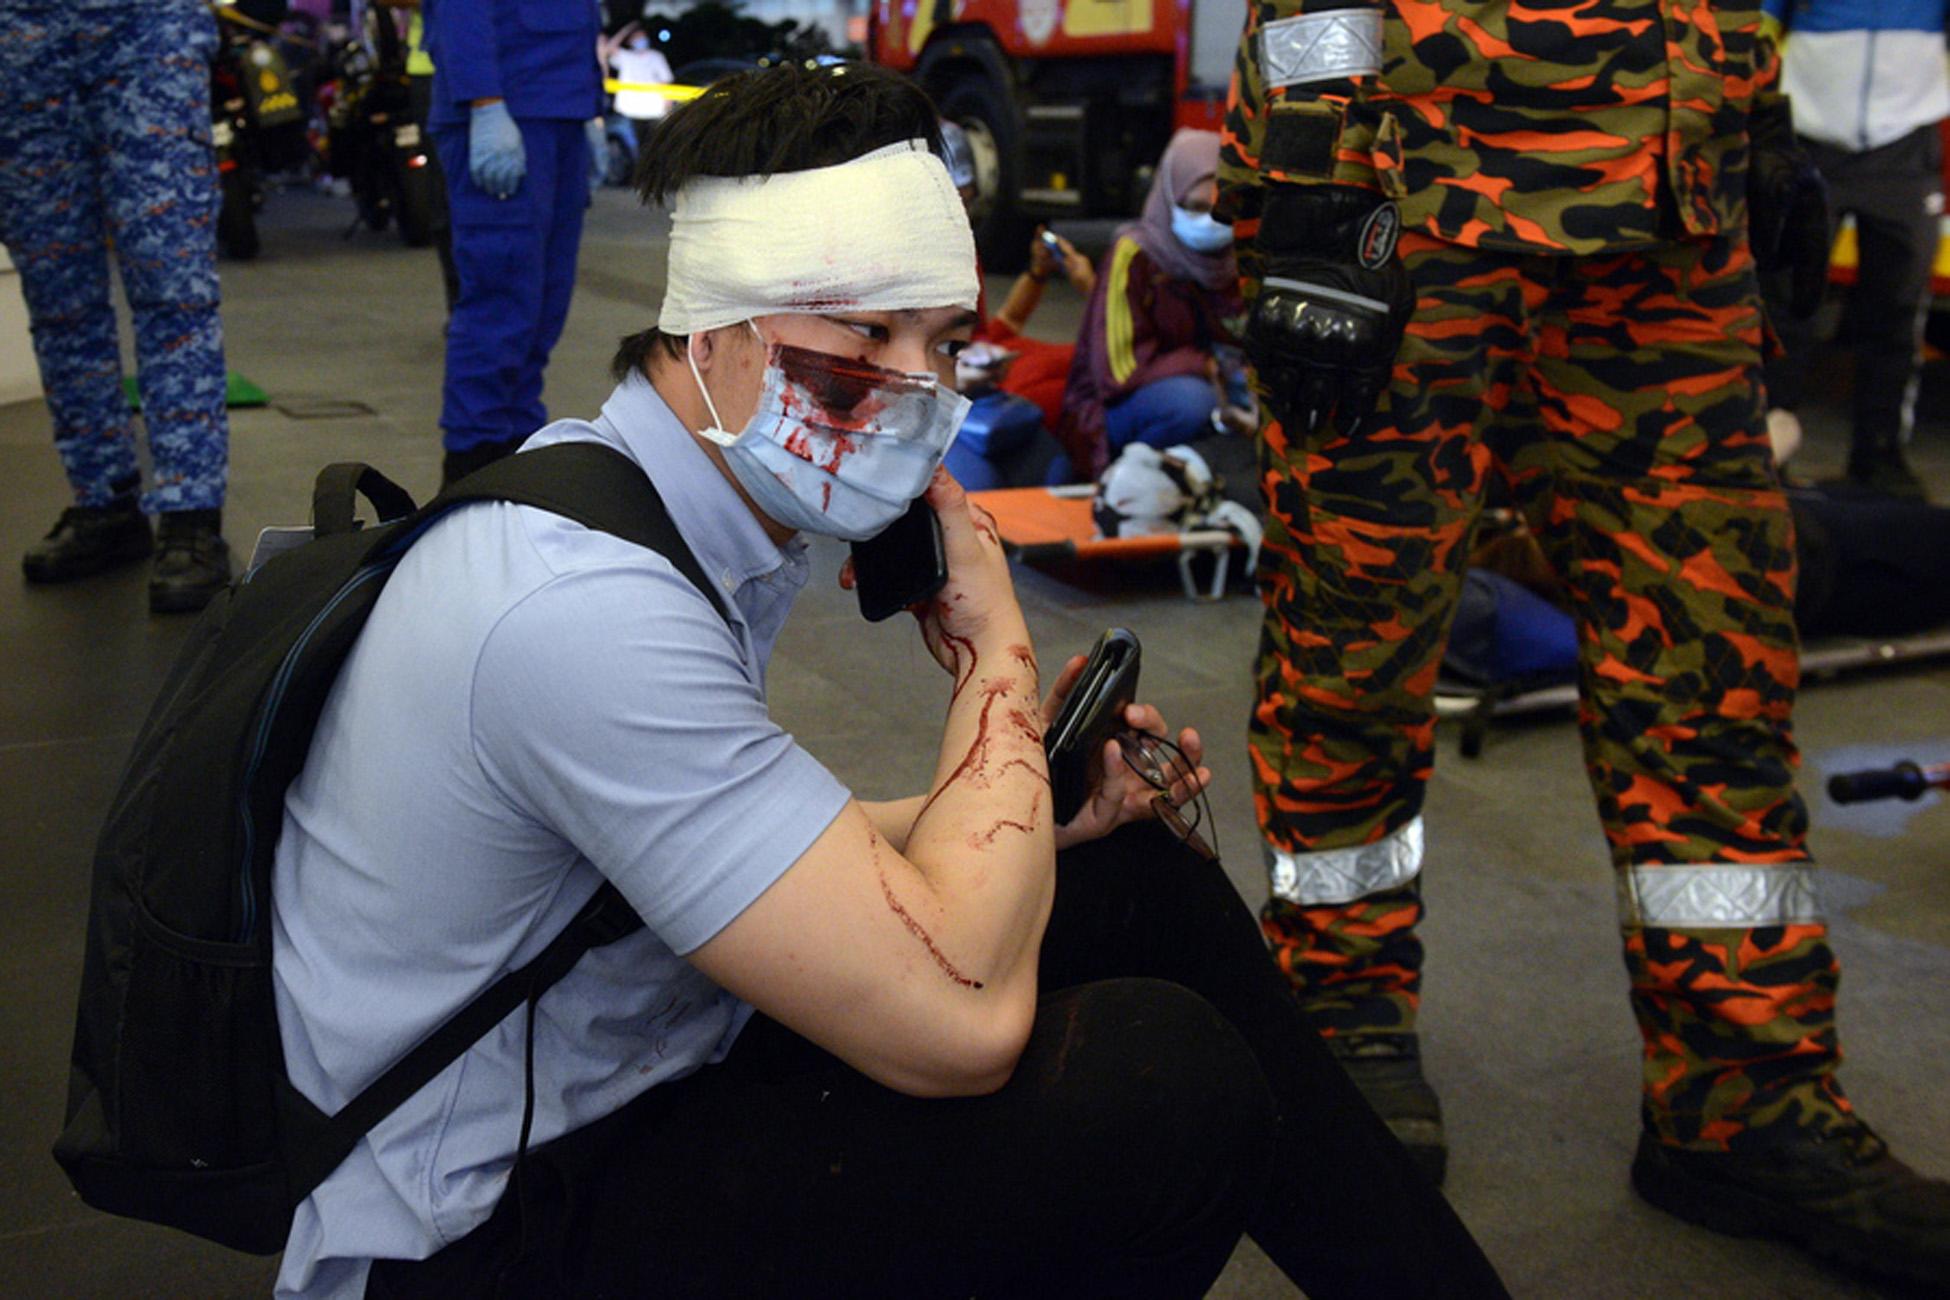 Σοκαριστική σύγκρουση συρμών του μετρό στην Κουάλα Λουμπούρ – Πάνω από 200 τραυματίες (video)